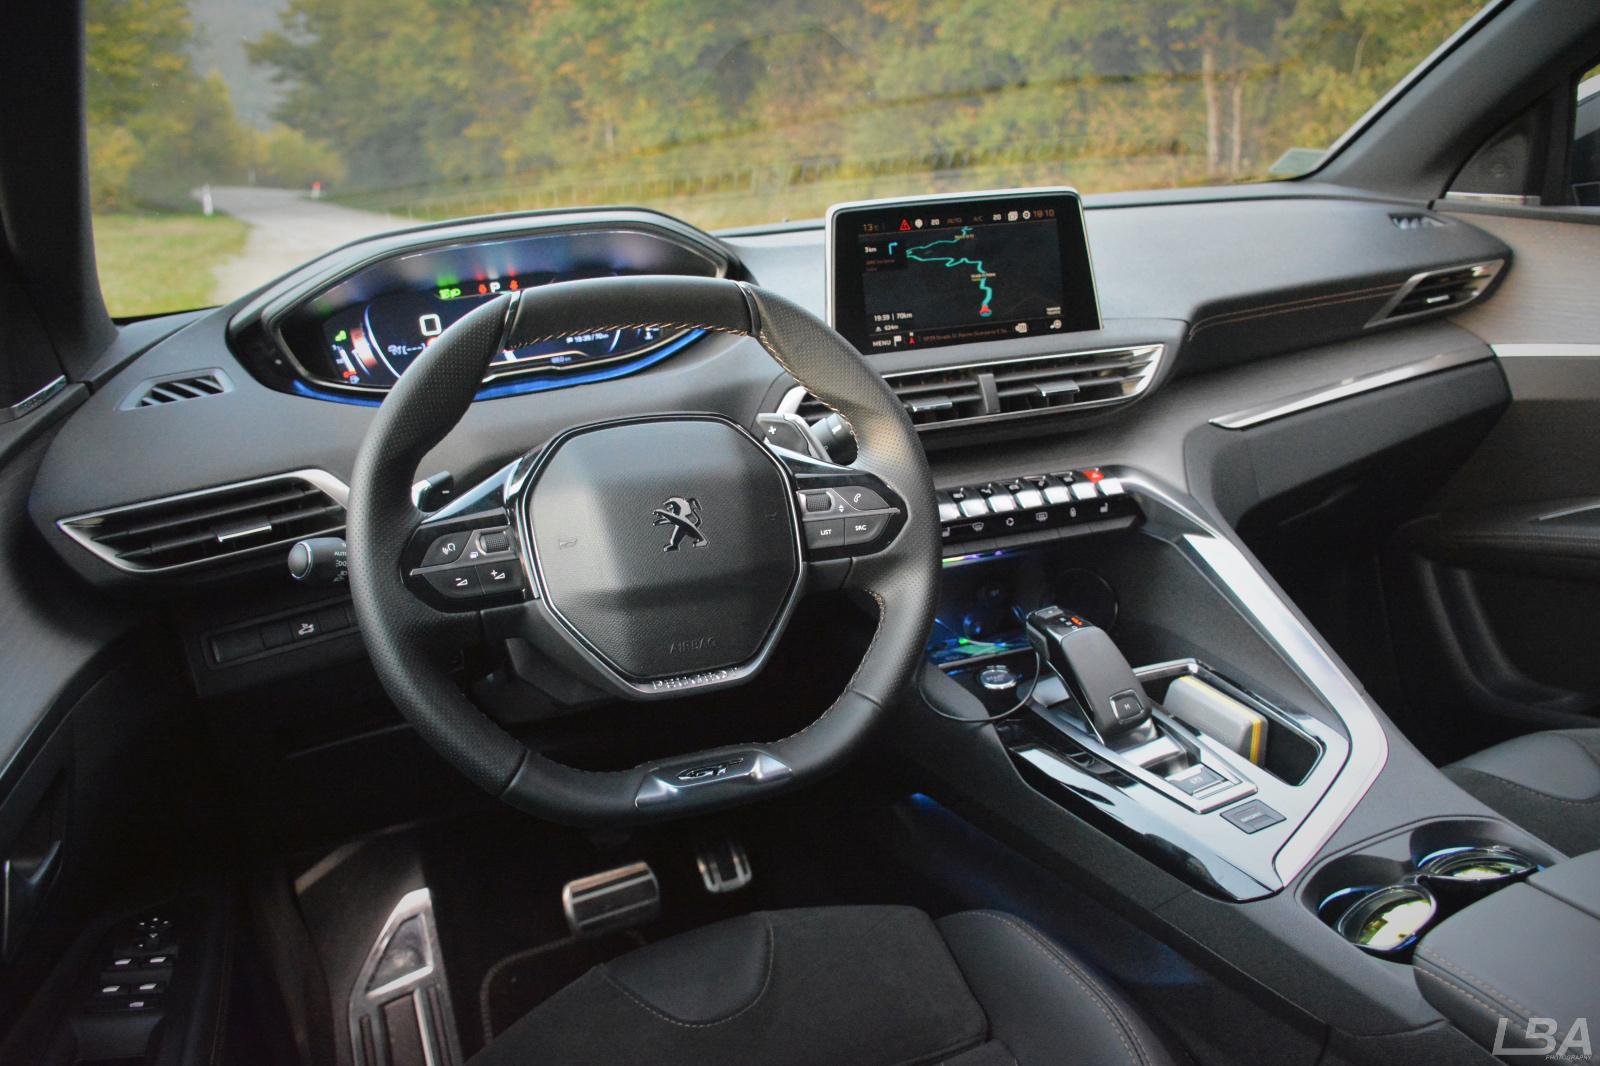 Essai du peugeot 3008 ii le billet auto test drive for Interieur 3008